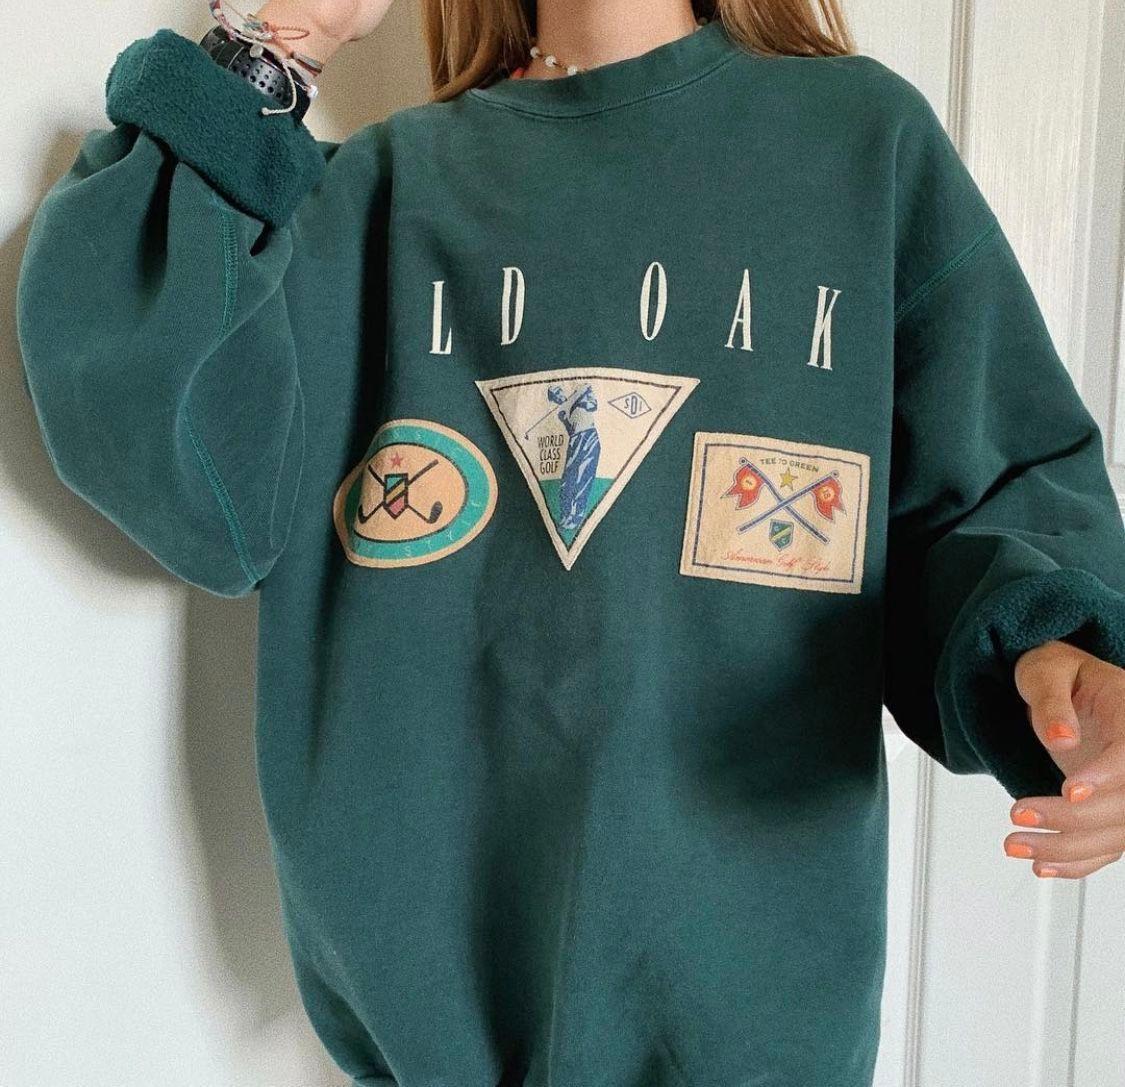 Vintage Old Oak Golfing Crewneck Vintage Crewneck Sweatshirt Vintage Hoodies Vintage Crewneck [ 1087 x 1125 Pixel ]